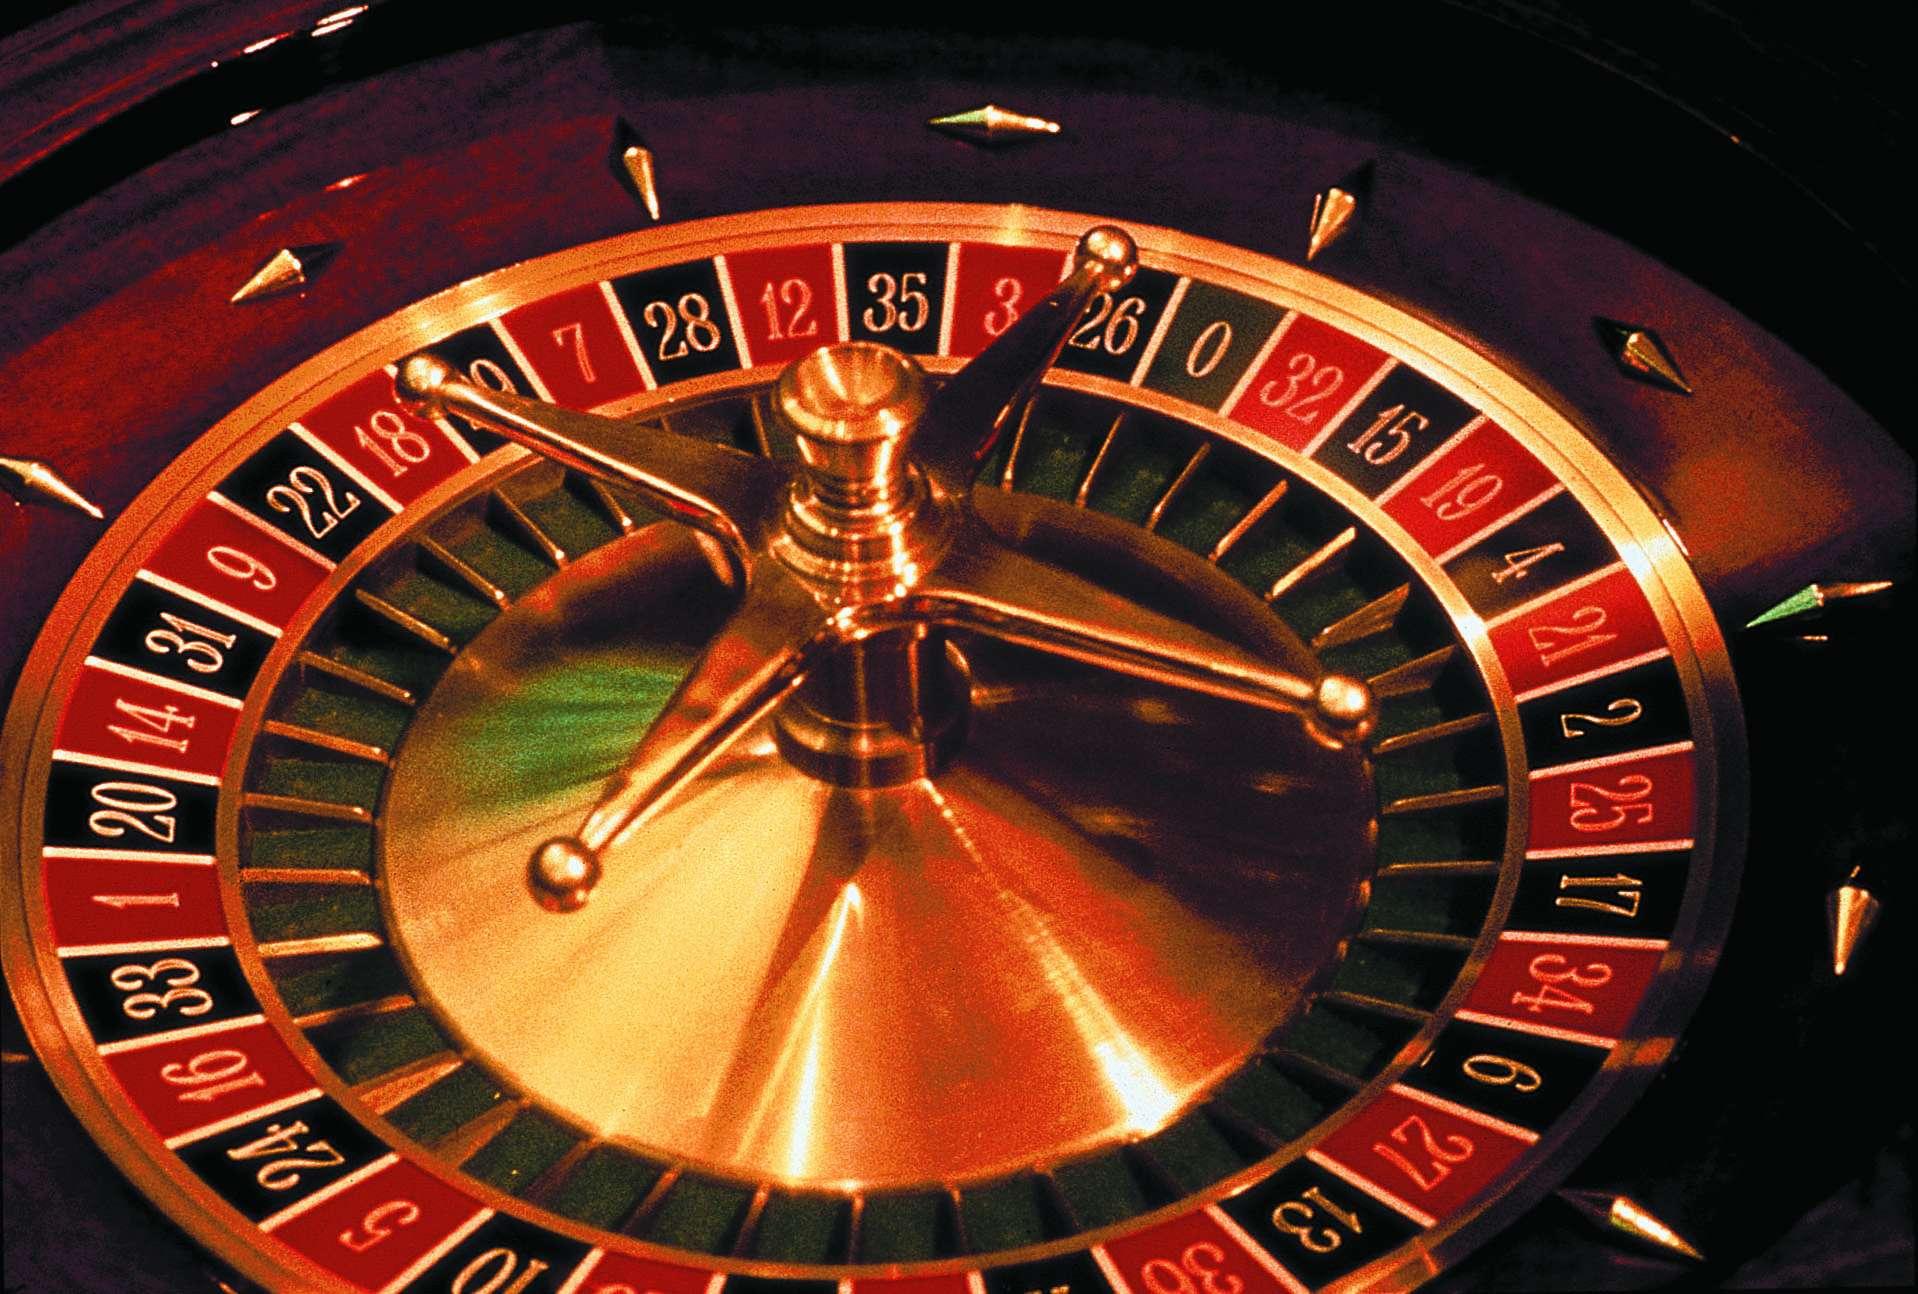 Jeux casino: savoir perdre de l'argent